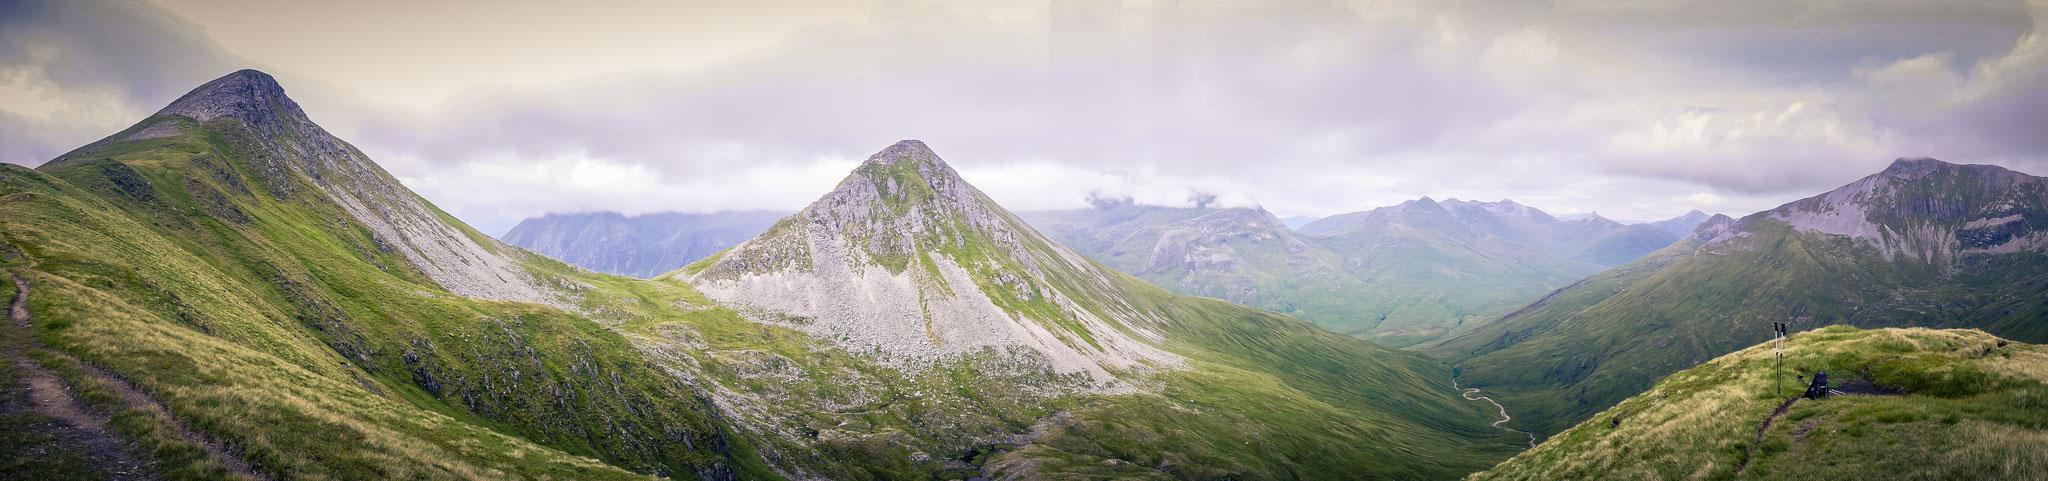 Blick vom Aufstieg zum Stob Coire a'Chaim (981m)